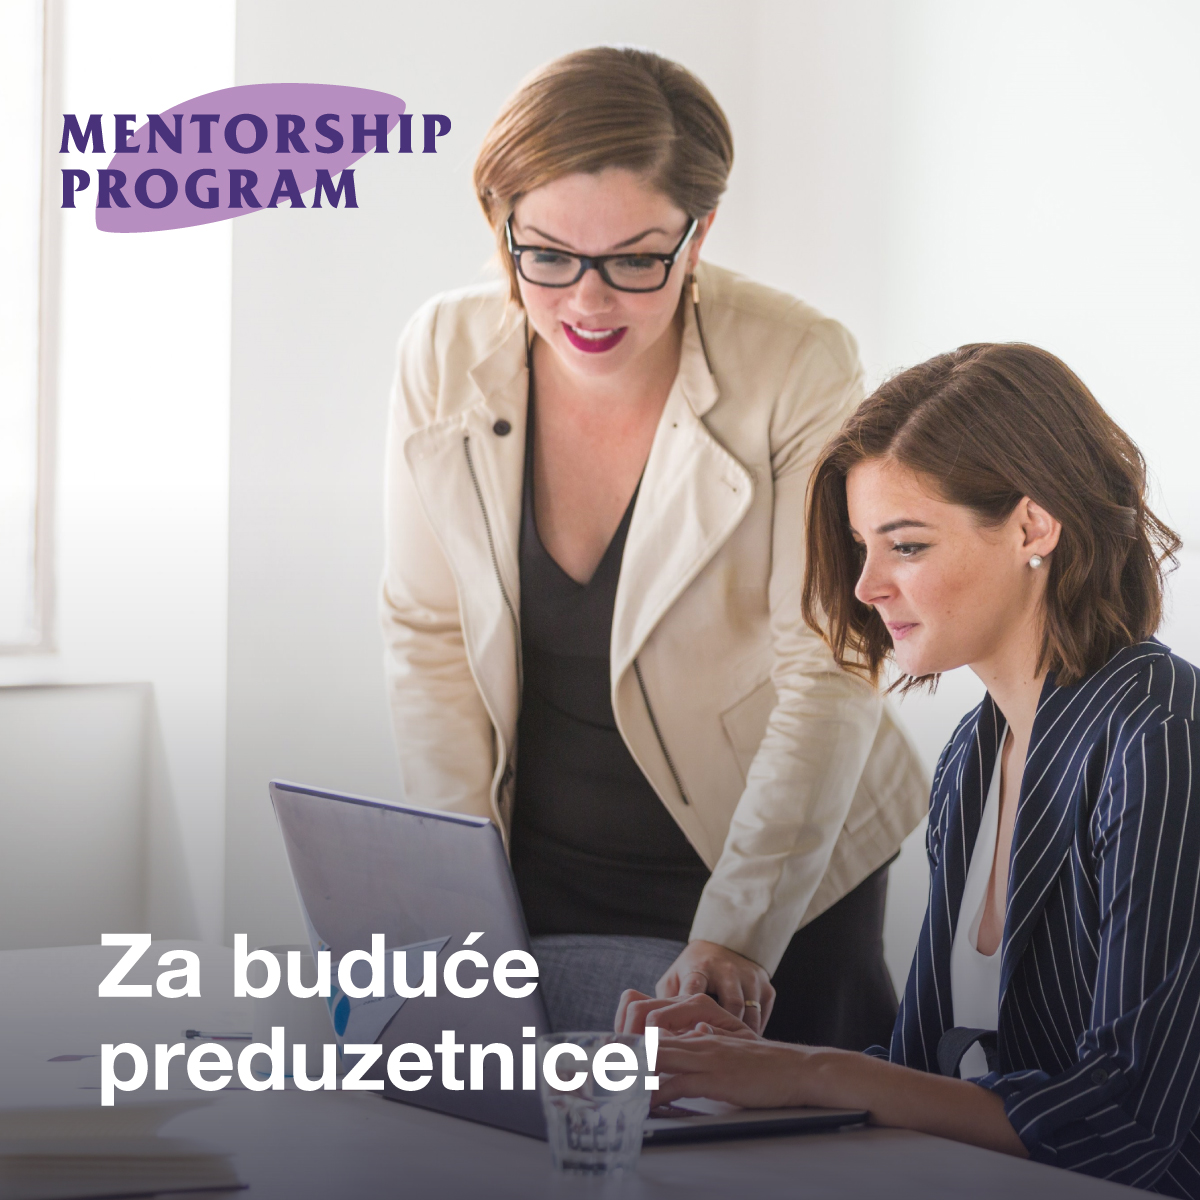 AFA Mentorship program za buduće preduzetnice